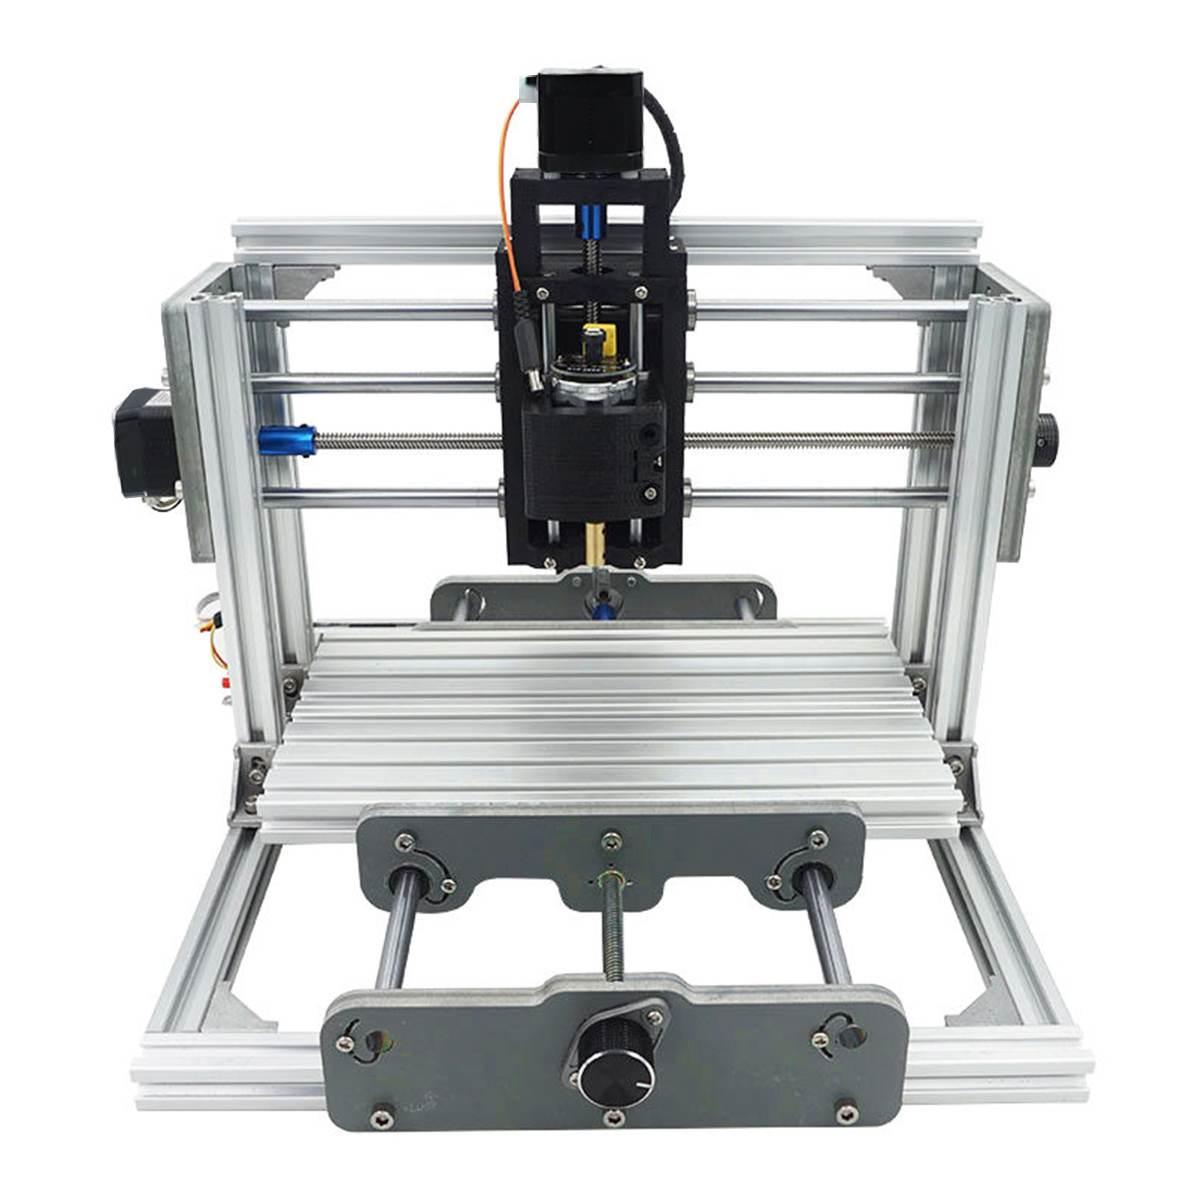 3 axes 2017 T CNC routeur graveur Machine de gravure bureau sculpture Cutter kit de bricolage DC 12 V 60 W 6000 tr/min bois routeur Cutter imprimante